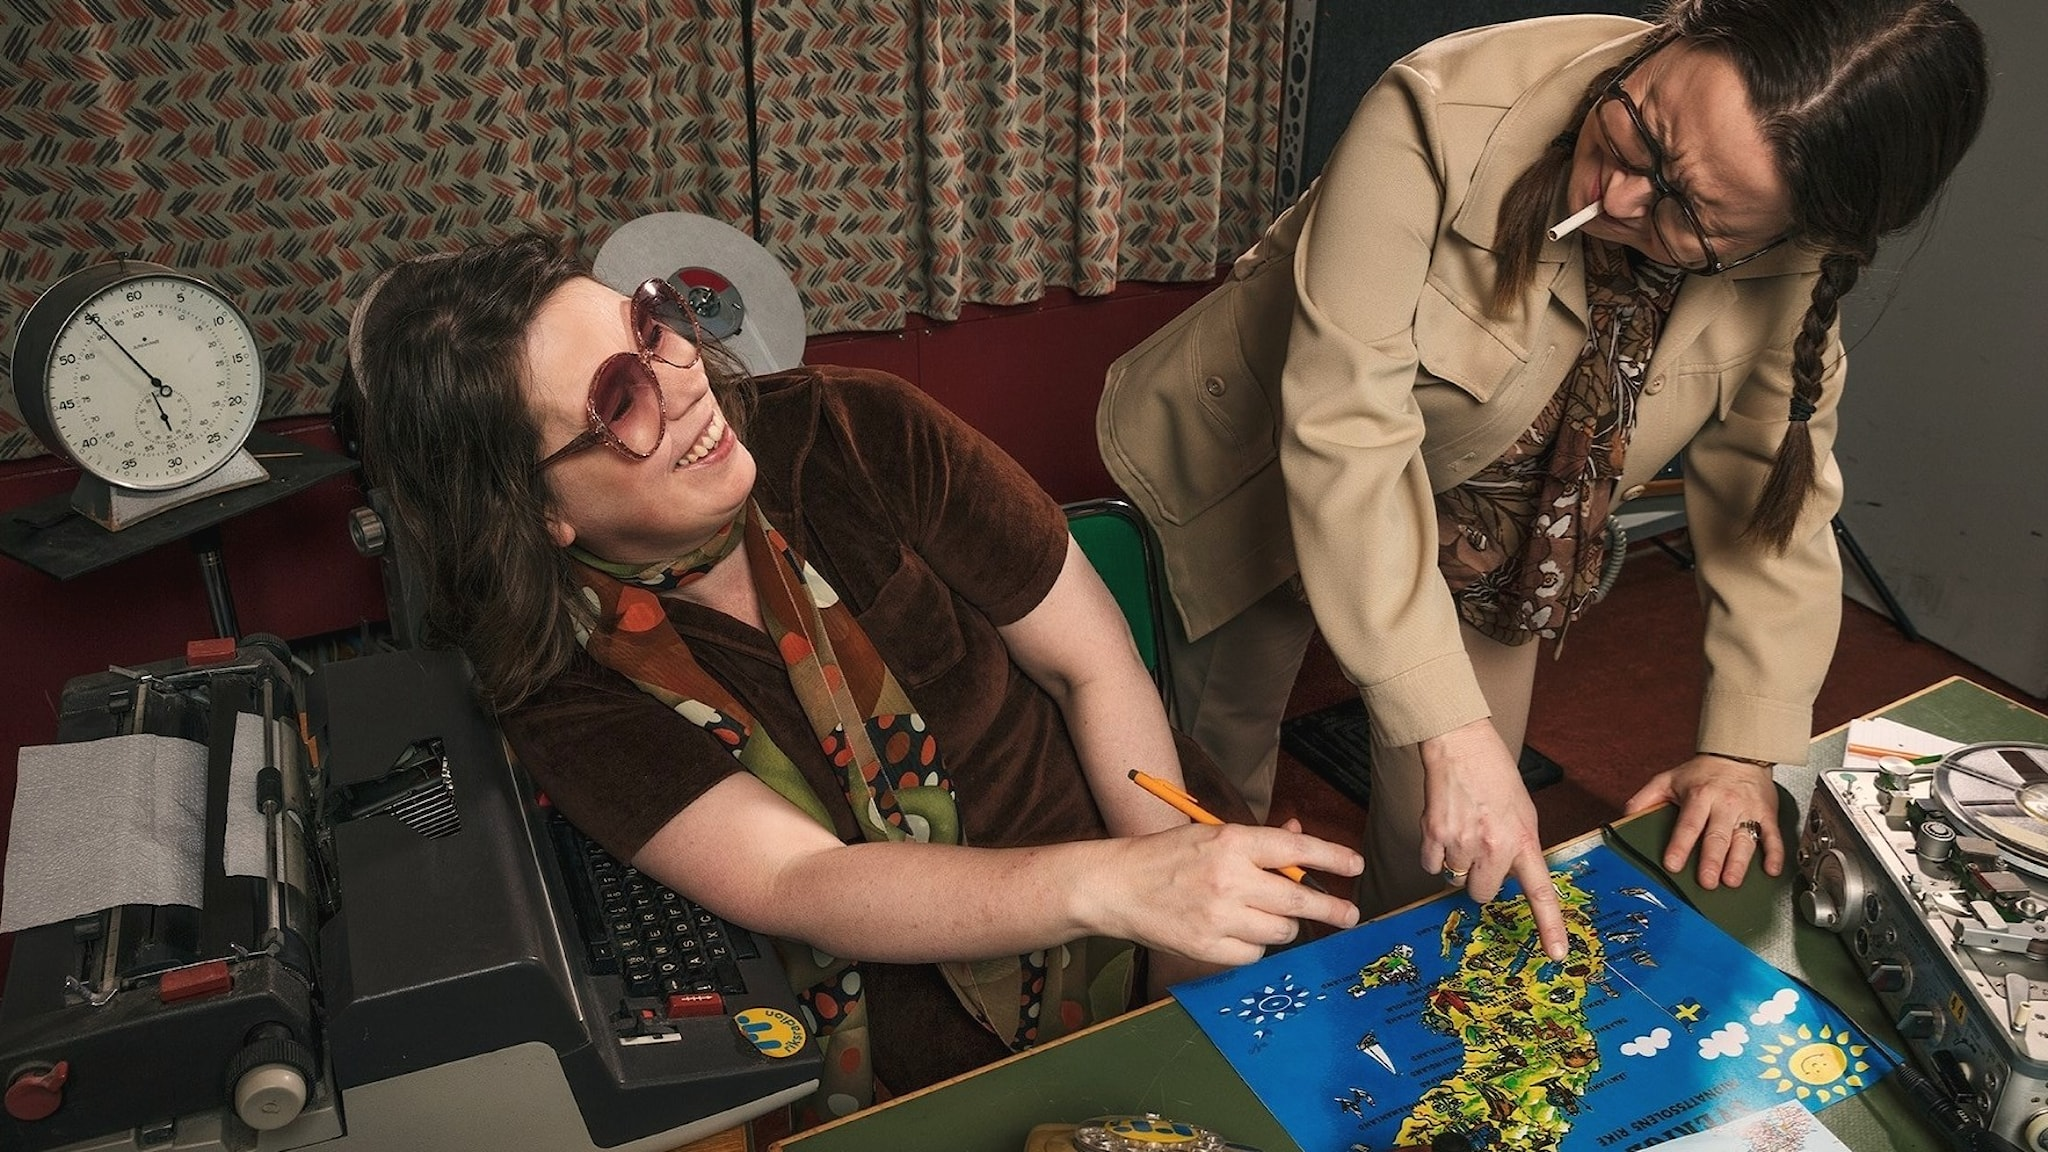 Christel och Lena pekar på en karta och skrattar.